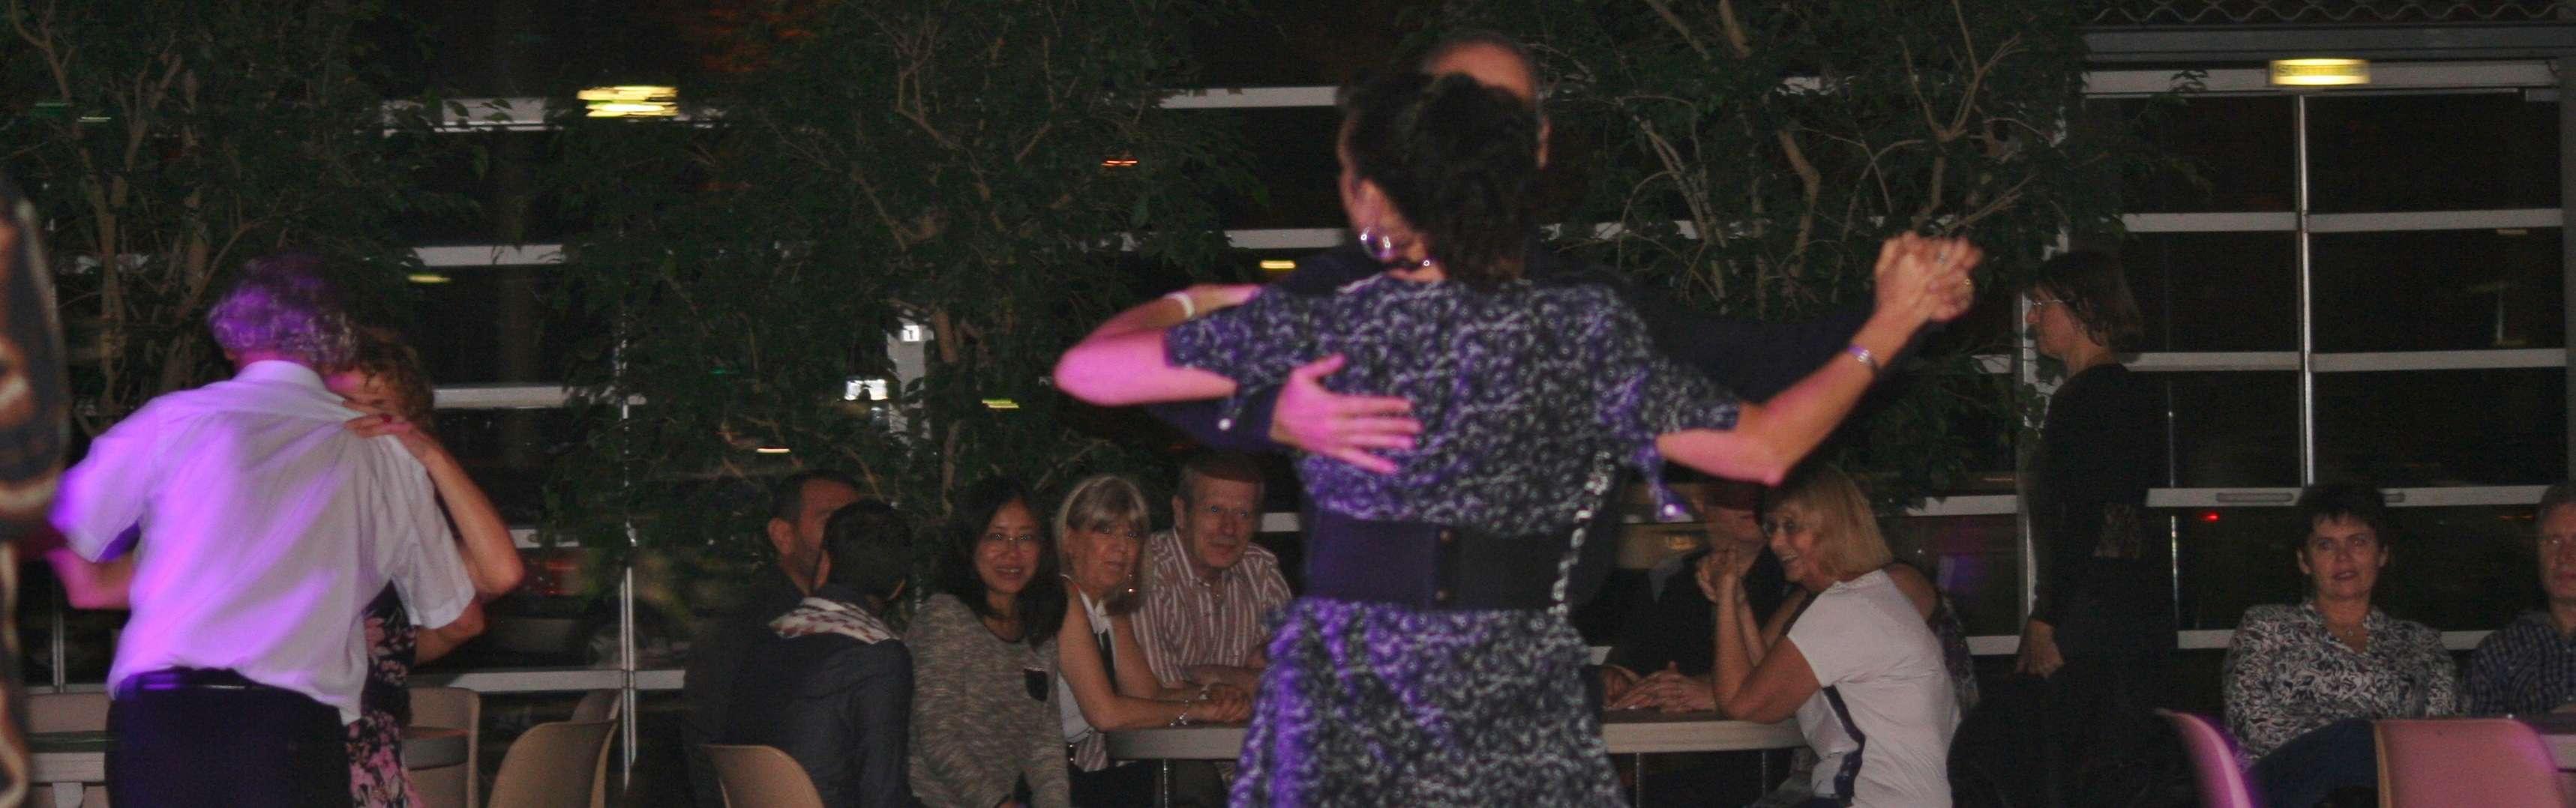 chelles la soir 233 e quot danse 224 2 quot au centre culturel 233 tait au top magjournal77